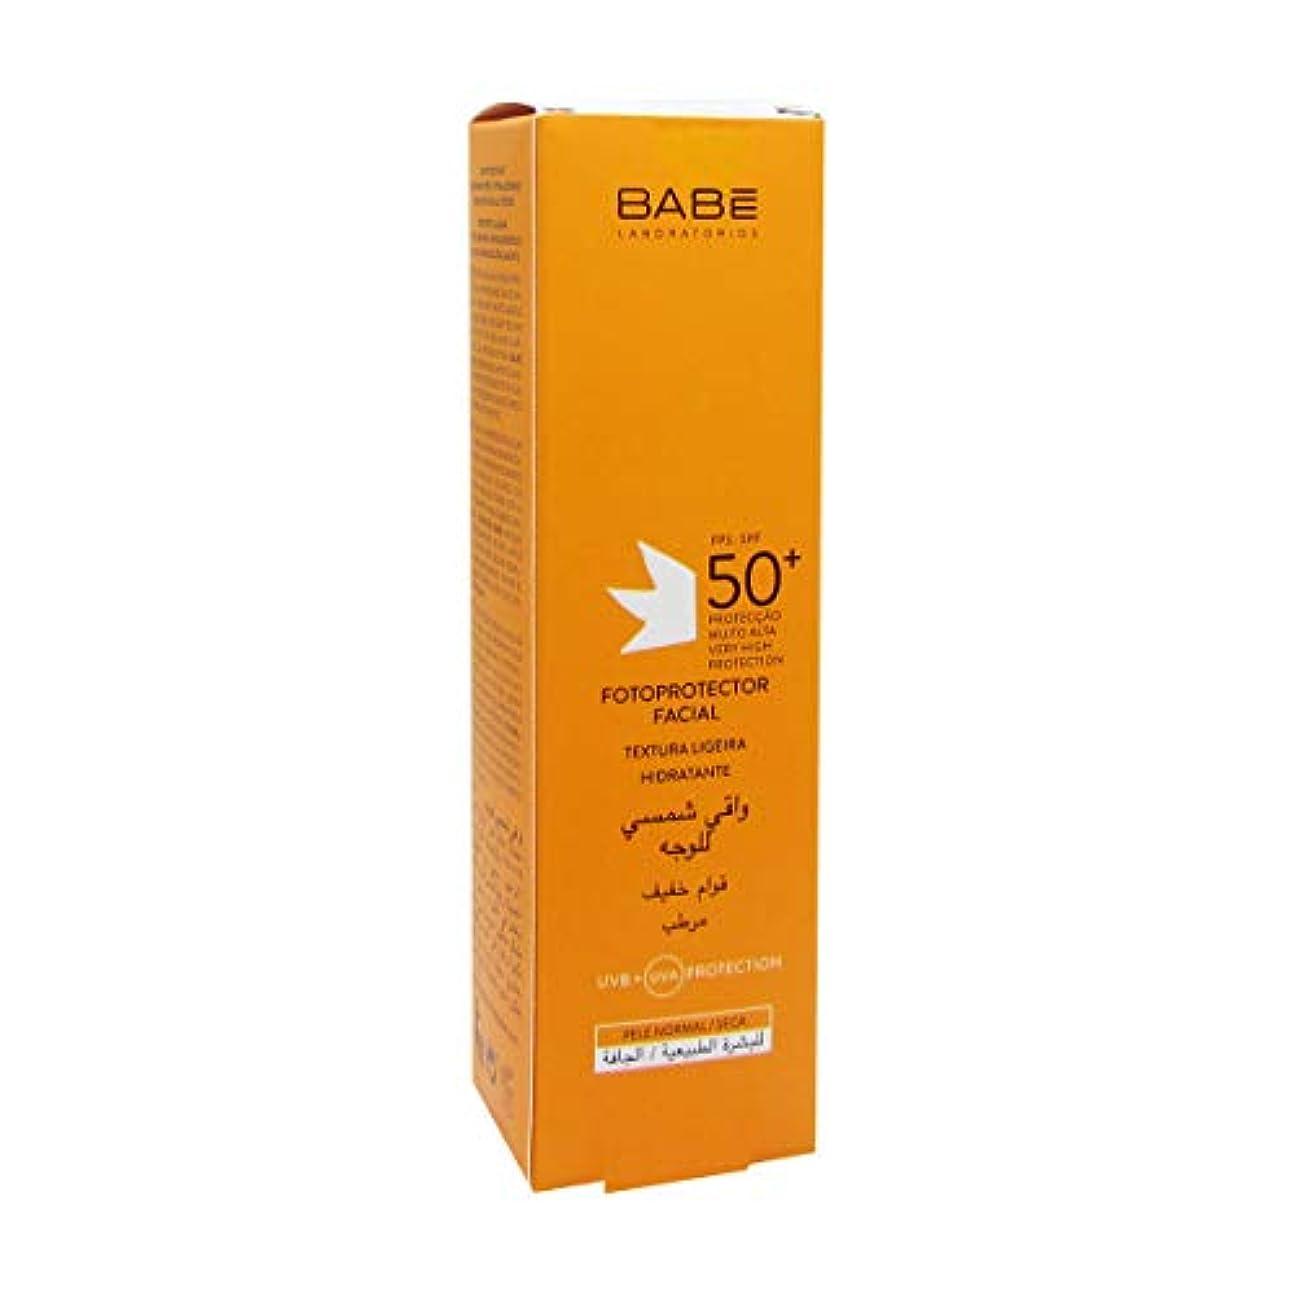 選出する乳白色新鮮なBab Sun Light Facial Photoprotector Fps50+ 50ml [並行輸入品]